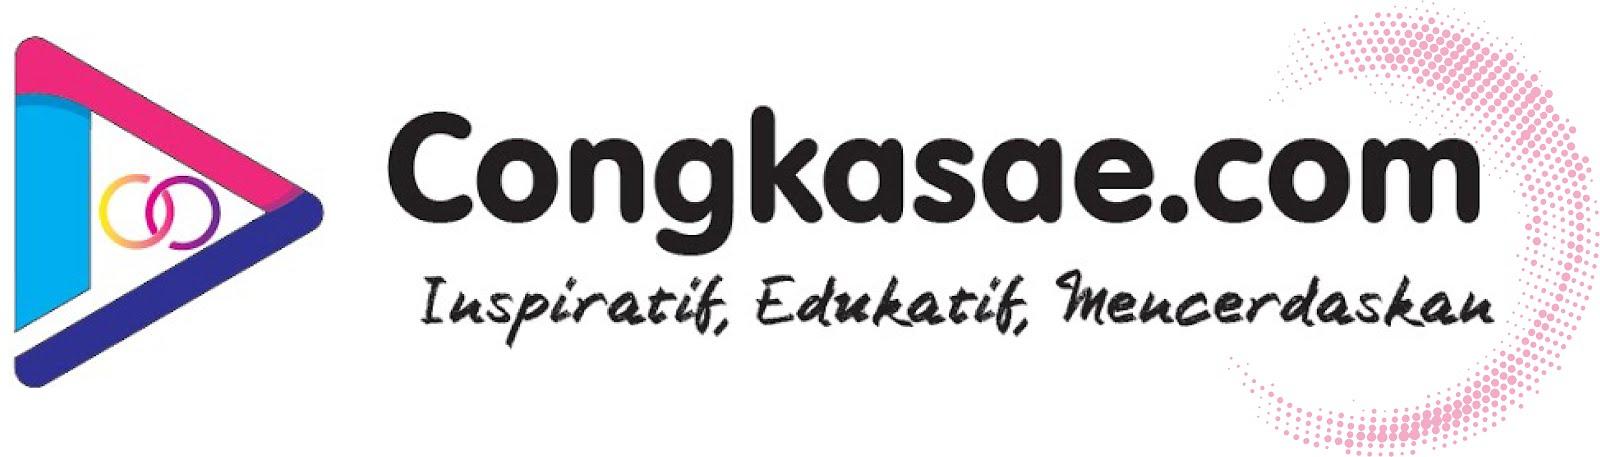 Congkasae.com